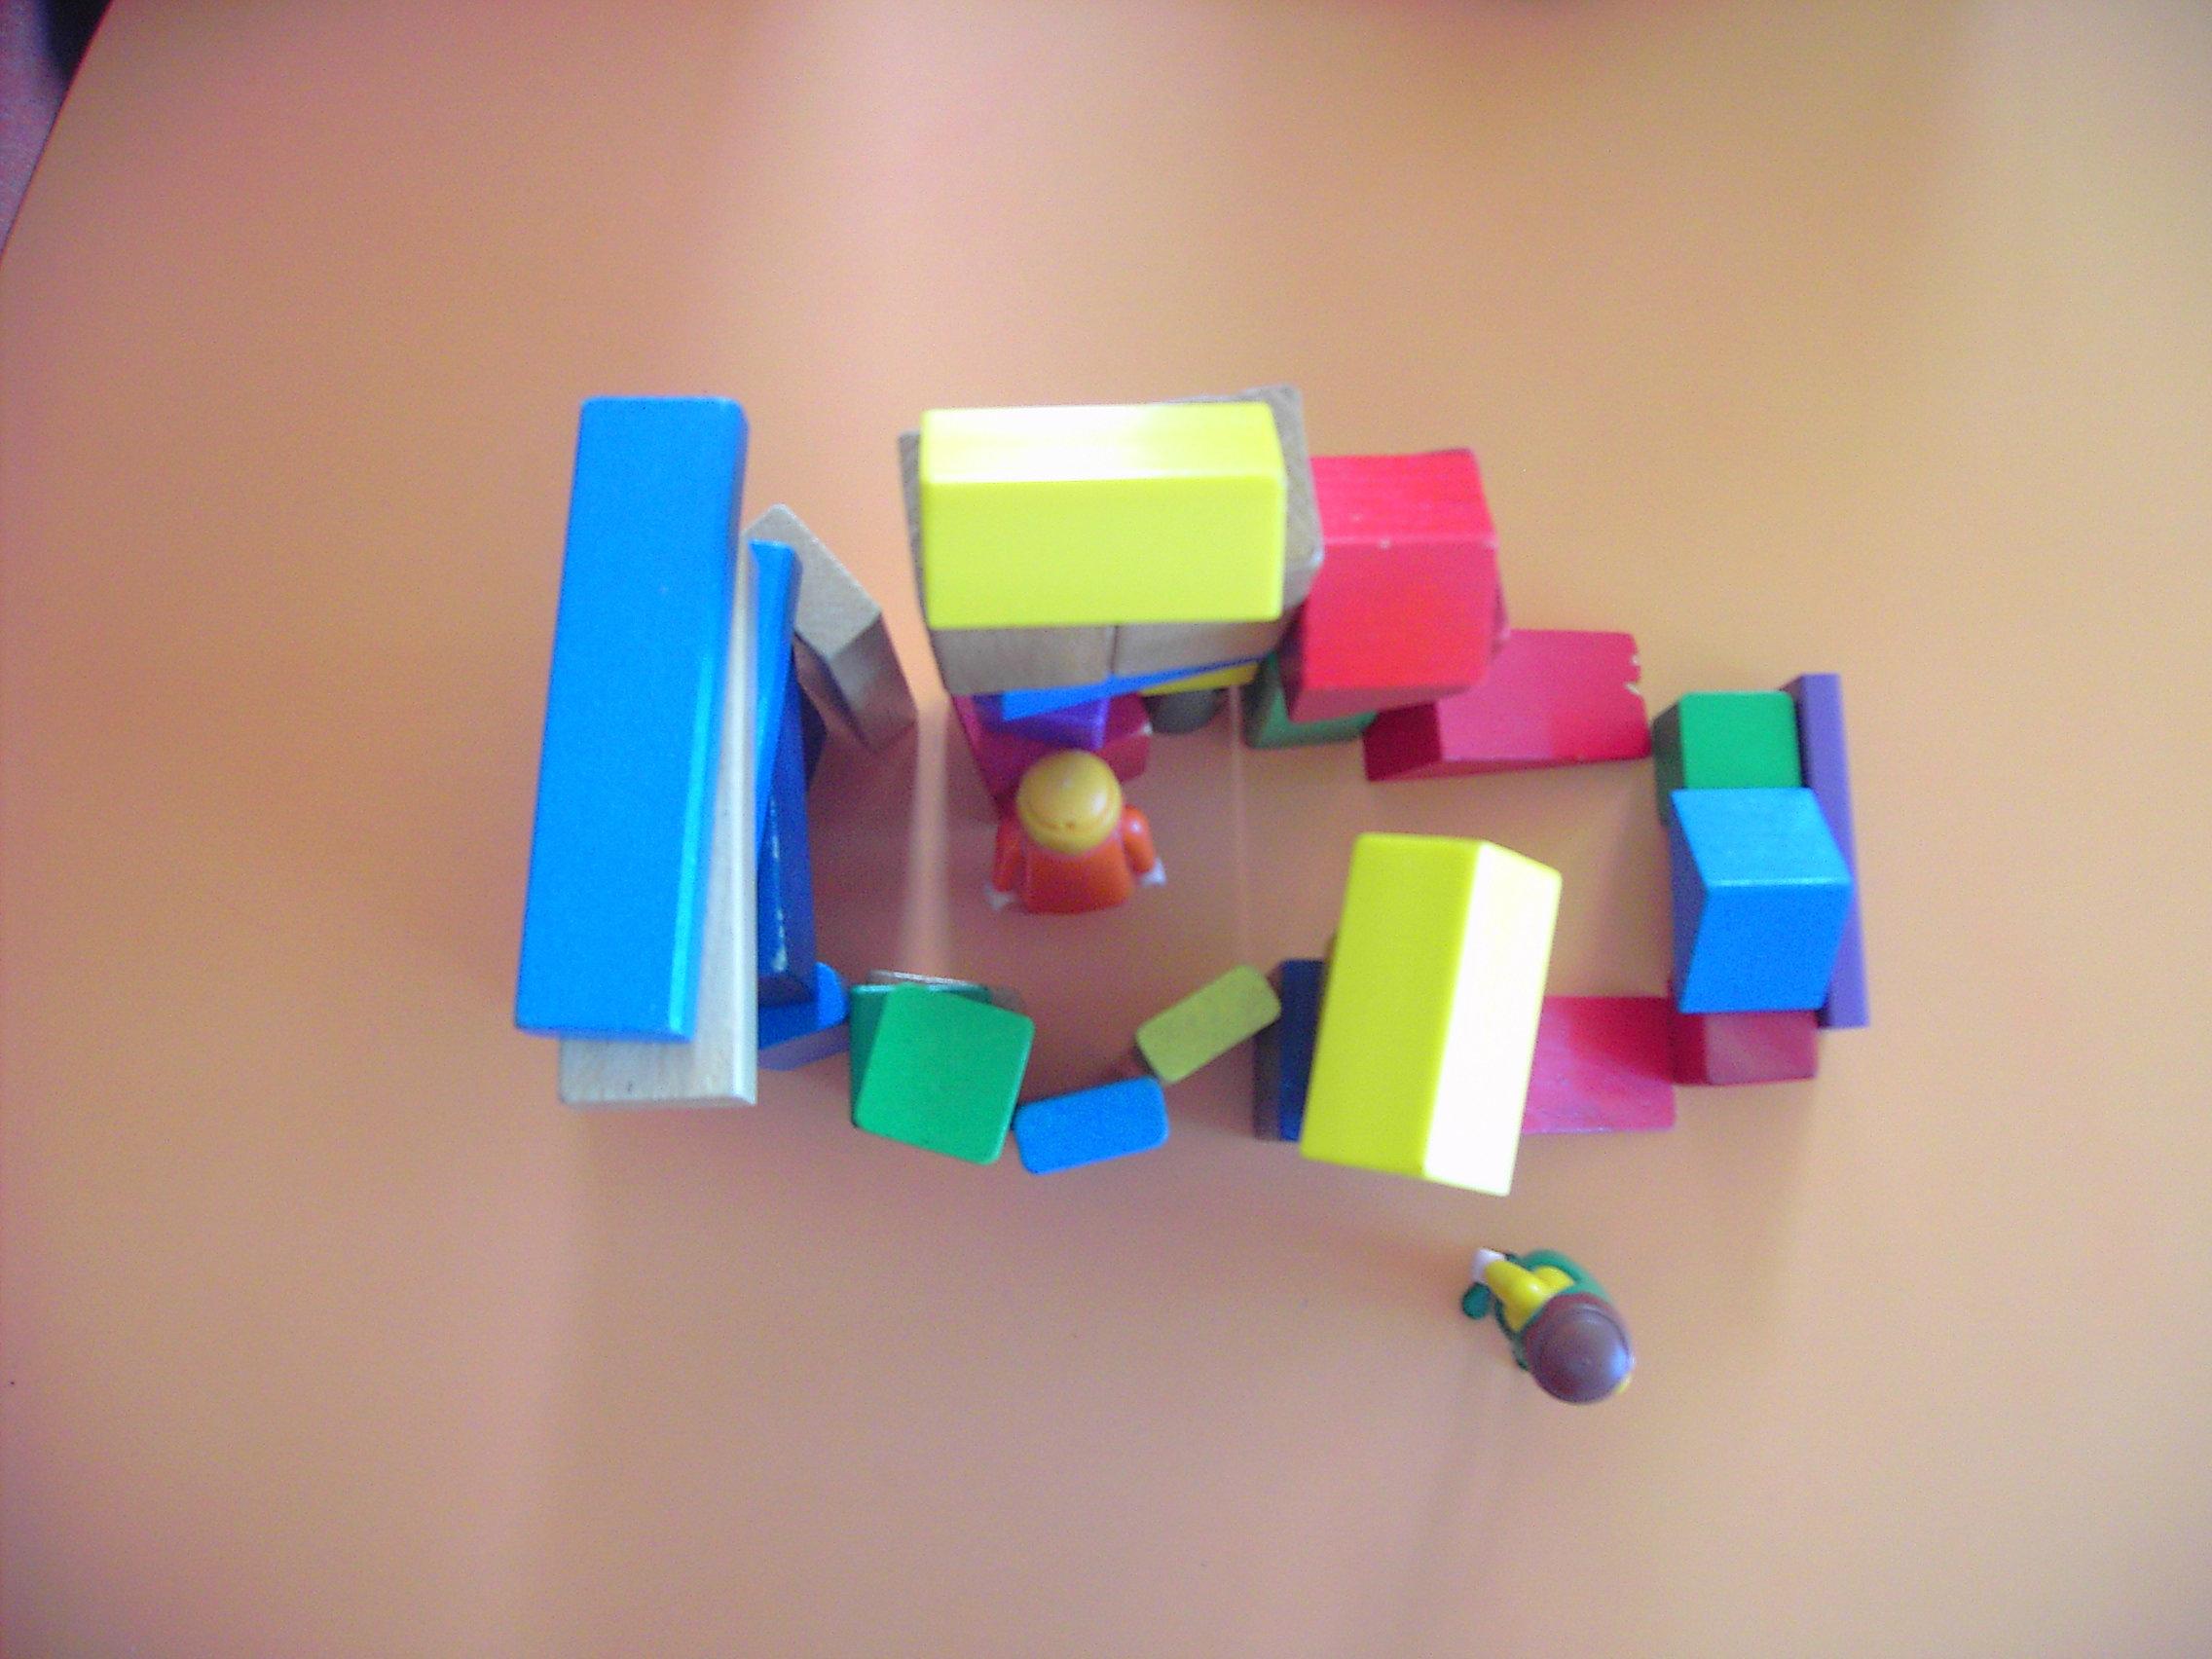 Maternelle p dagogie construire une maison 2 for Construire une maison maternelle